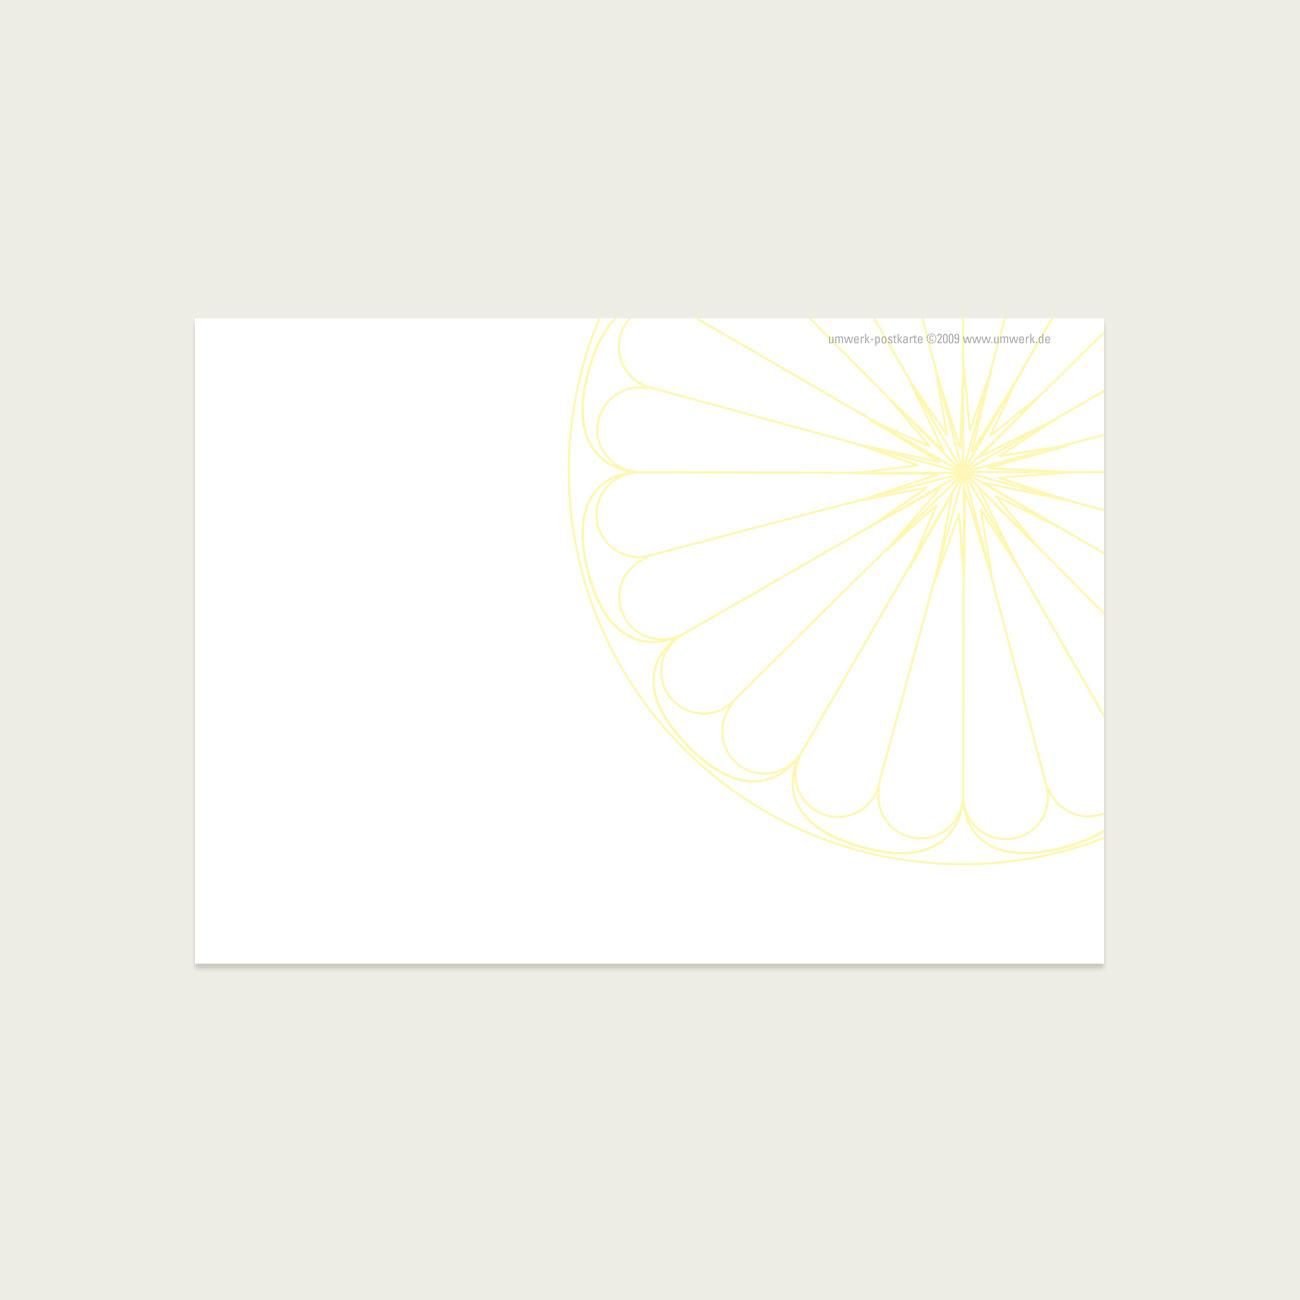 UMWERK - Postkarte DANKE! Rückseite